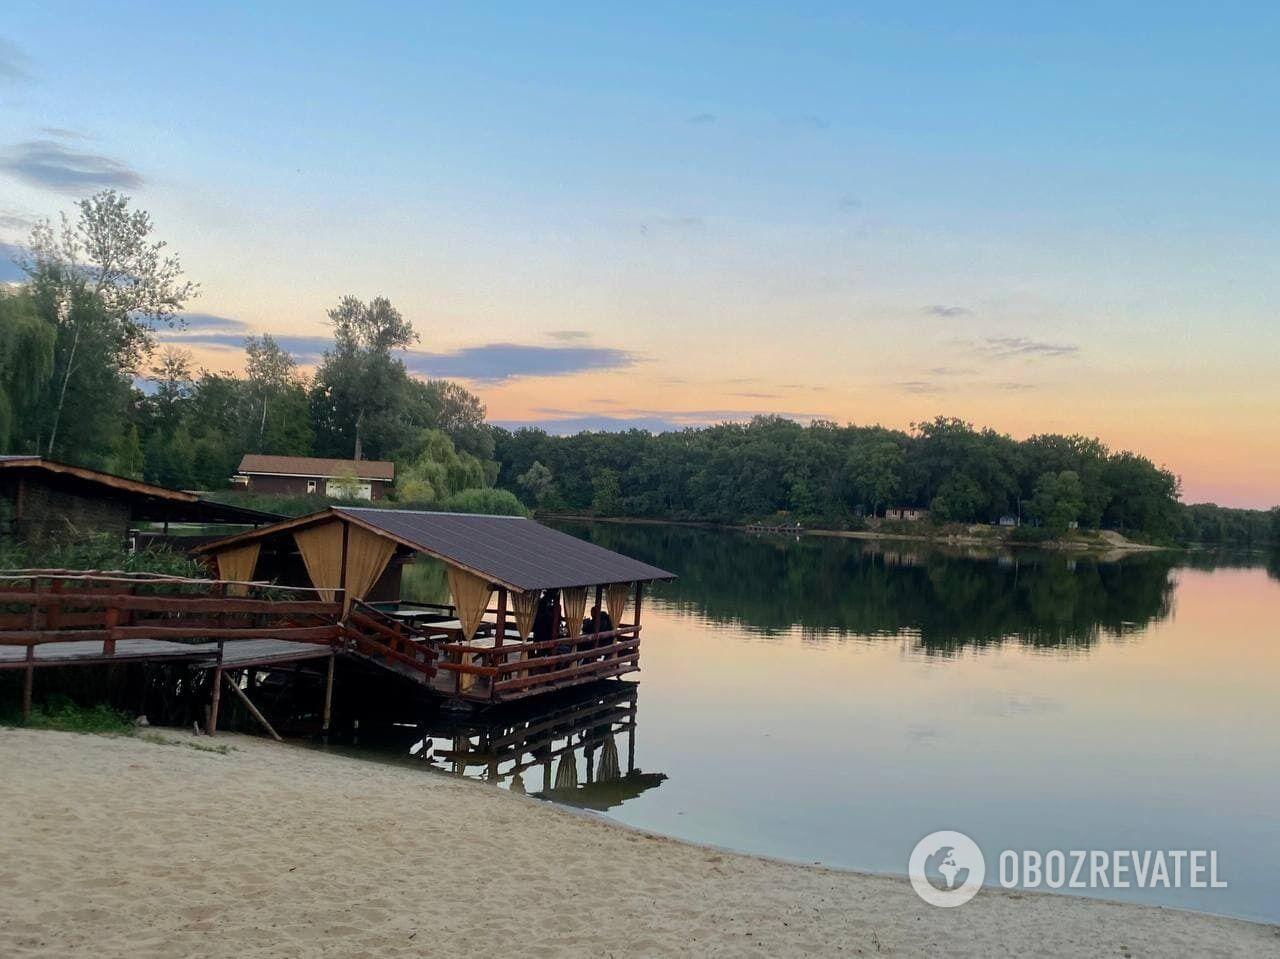 Коробовы хутора – излюбленное место отдыха для многих туристов